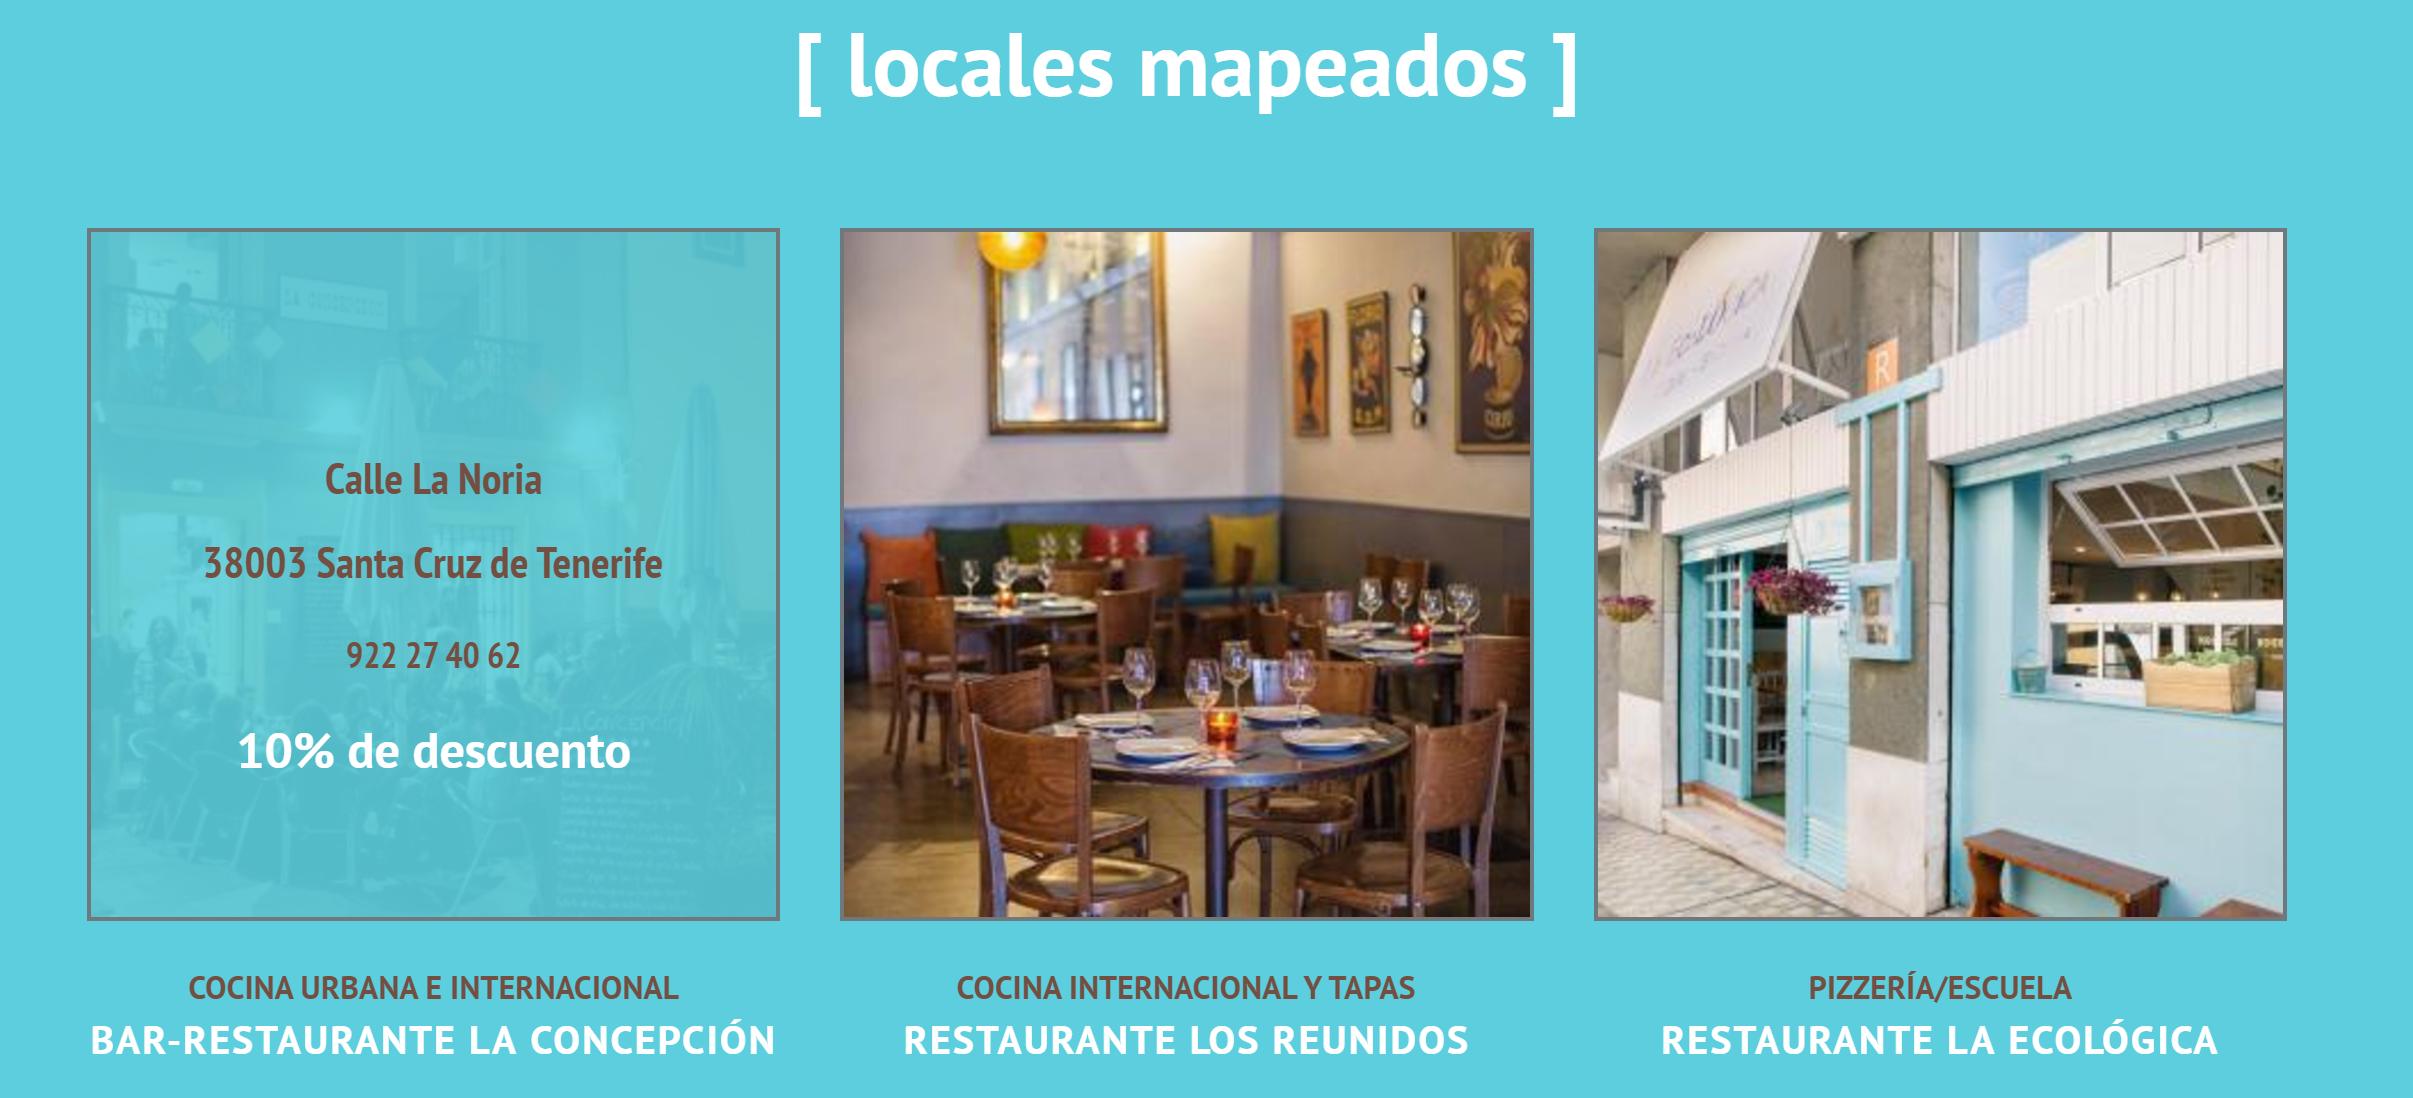 locales mapeados